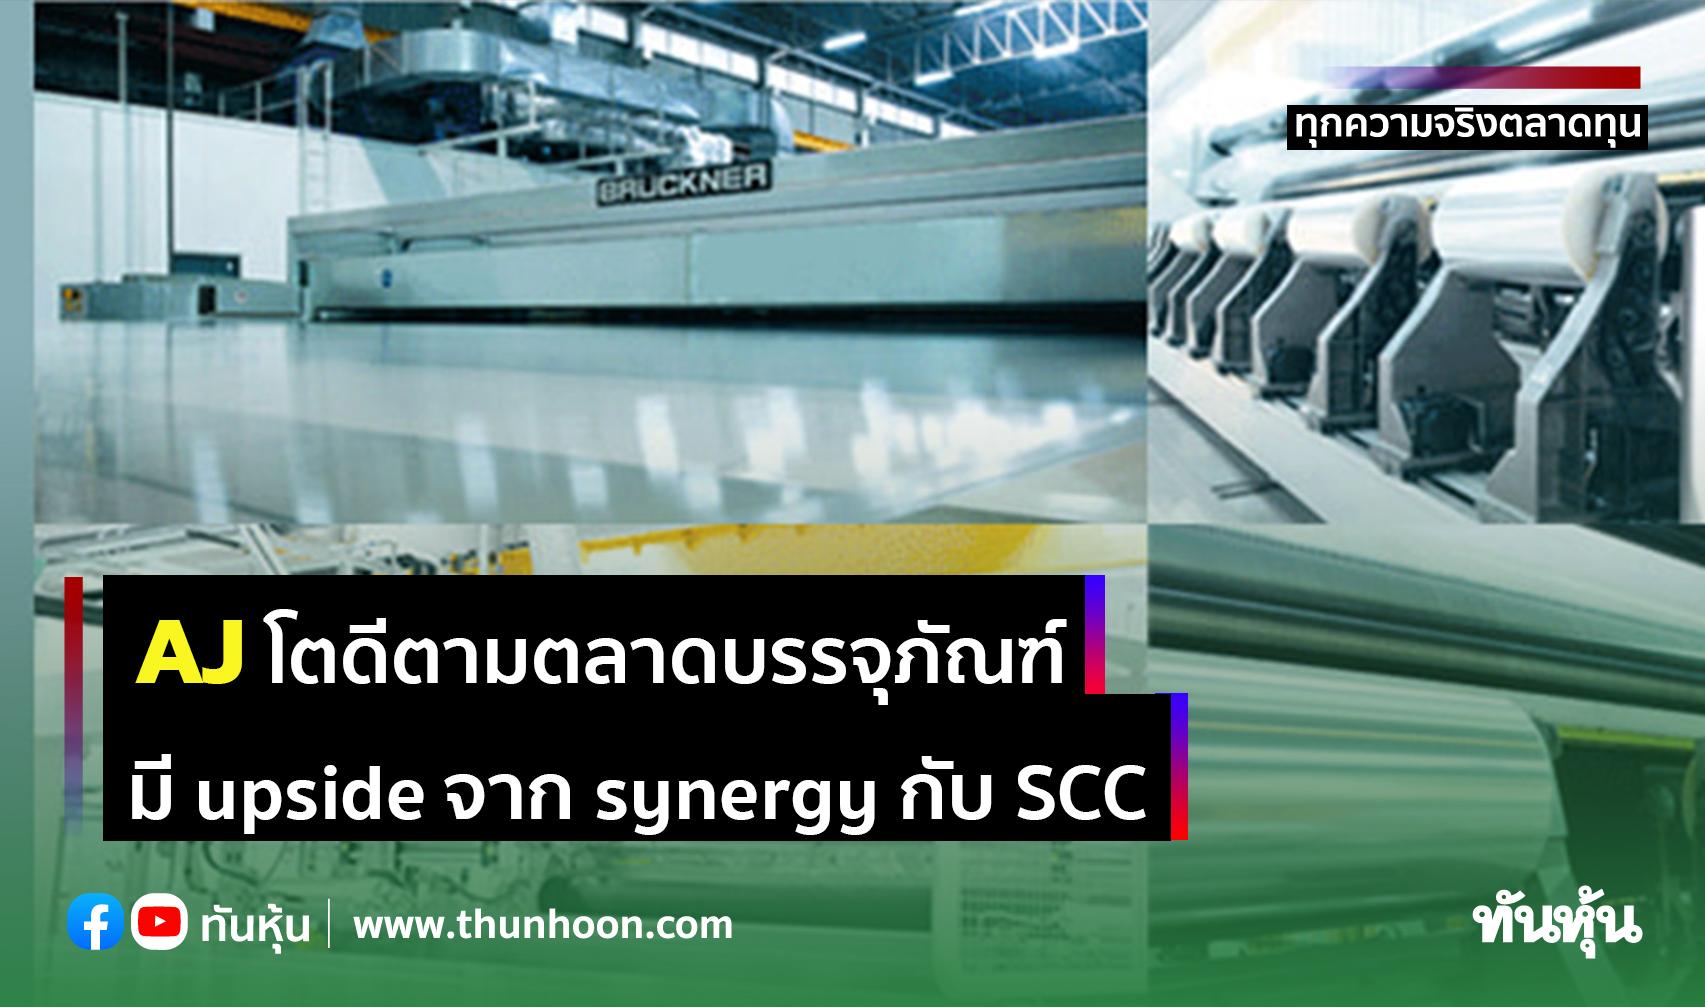 AJ โตดีตามตลาดบรรจุภัณฑ์  มี upside จาก synergy กับ SCC